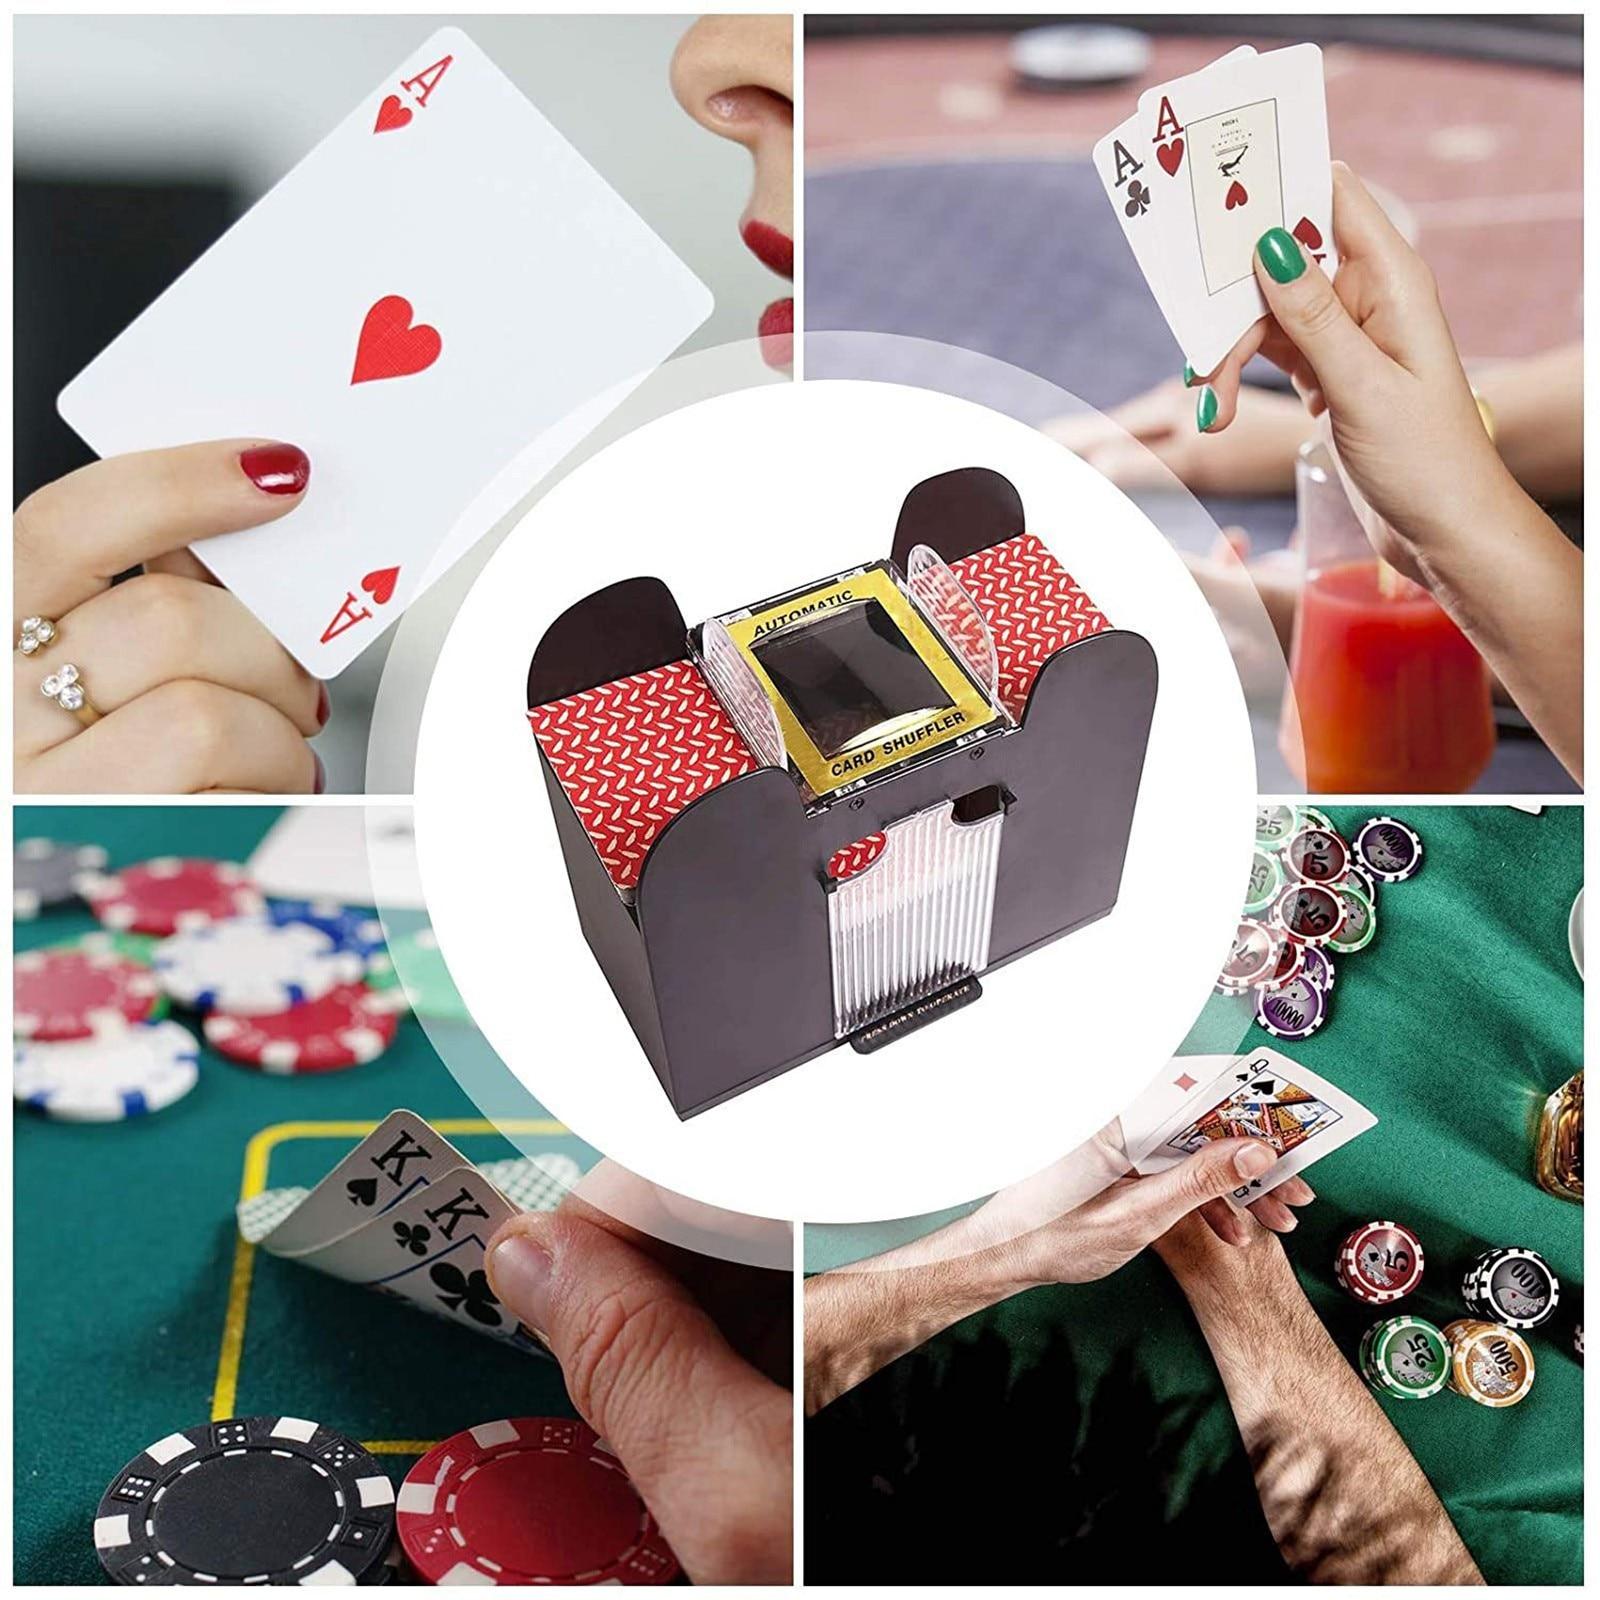 خلط آلة مجلس لعبة البوكر أوراق اللعب الكهربائية التلقائي لعبة ببطاقات ورقية حفلة الترفيه وبطاقة Shuffler أساسيات